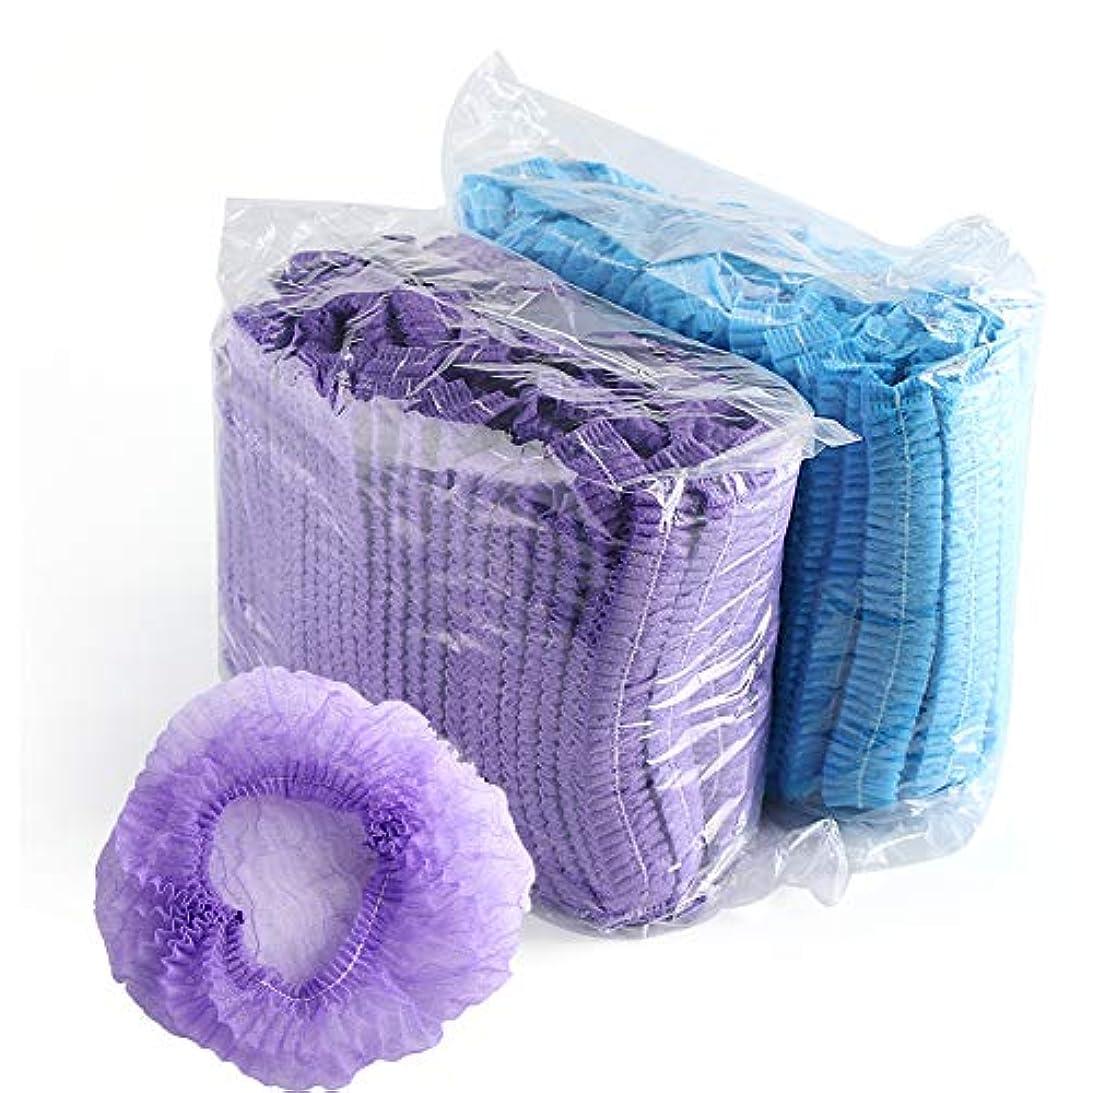 厚くする輪郭申し立てられた100ピース使い捨てストリップシャワーキャップ不織布シャワーキャップホテルシャワーキャップ染めヘアキャップ防水クリーニング美容サロンタトゥー帽子 (Blue)